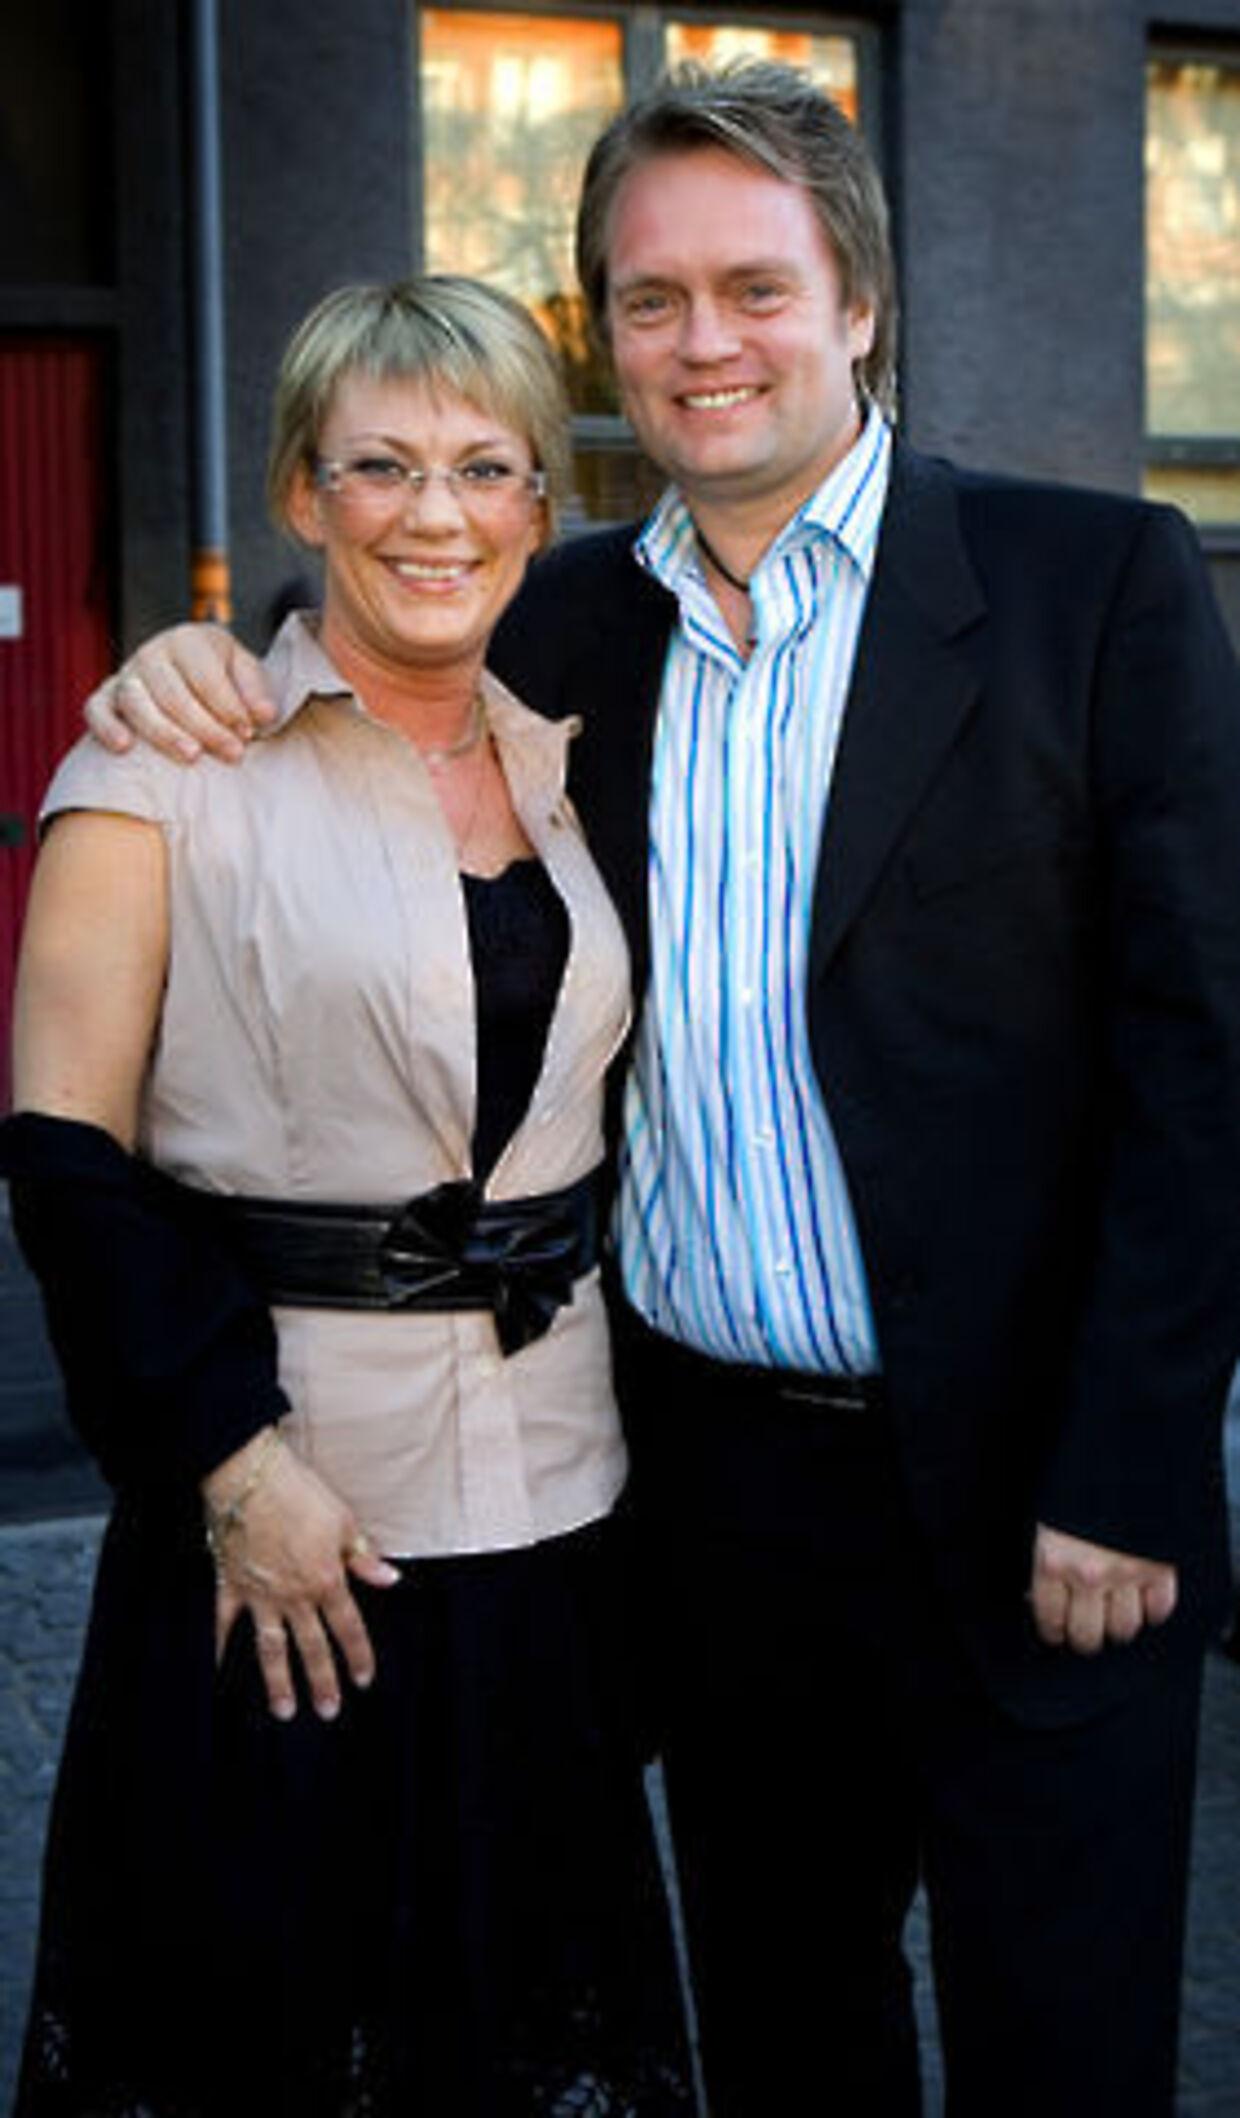 Så glade så de ud Helle Bekhøj og Johnny Hansen. Det er stadig en gåde, hvorfor Helle Bekhøj valgte at tage sit eget liv.